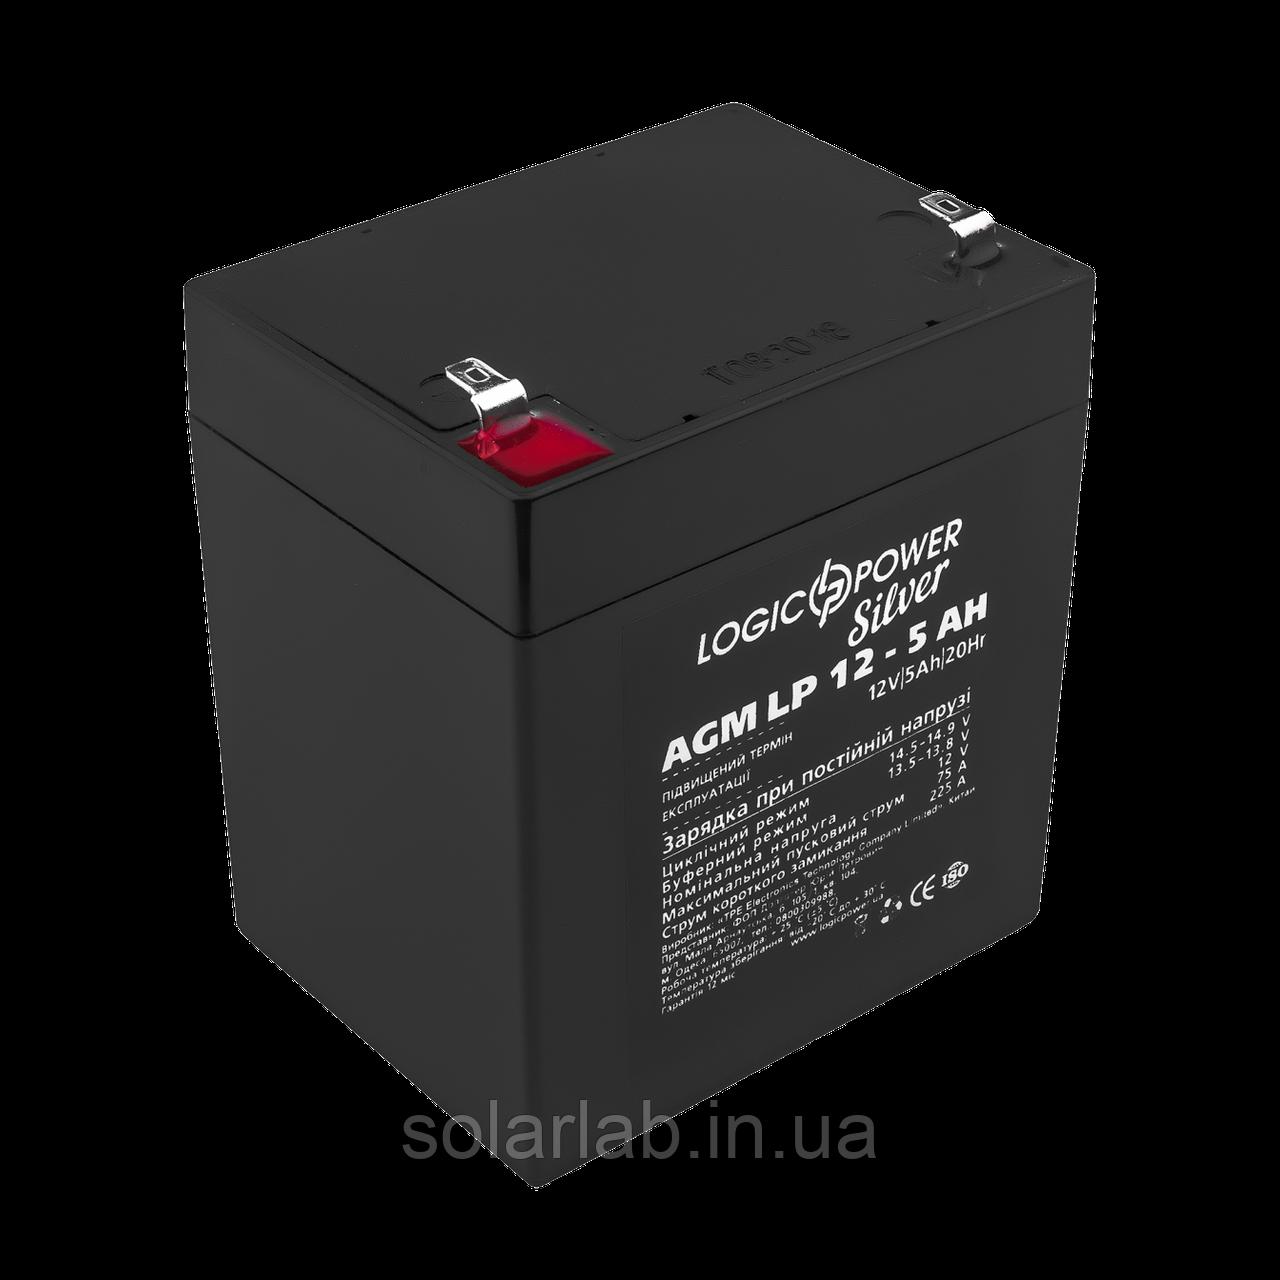 Аккумулятор AGM LP 12 - 5.0 AH SILVER (2018)